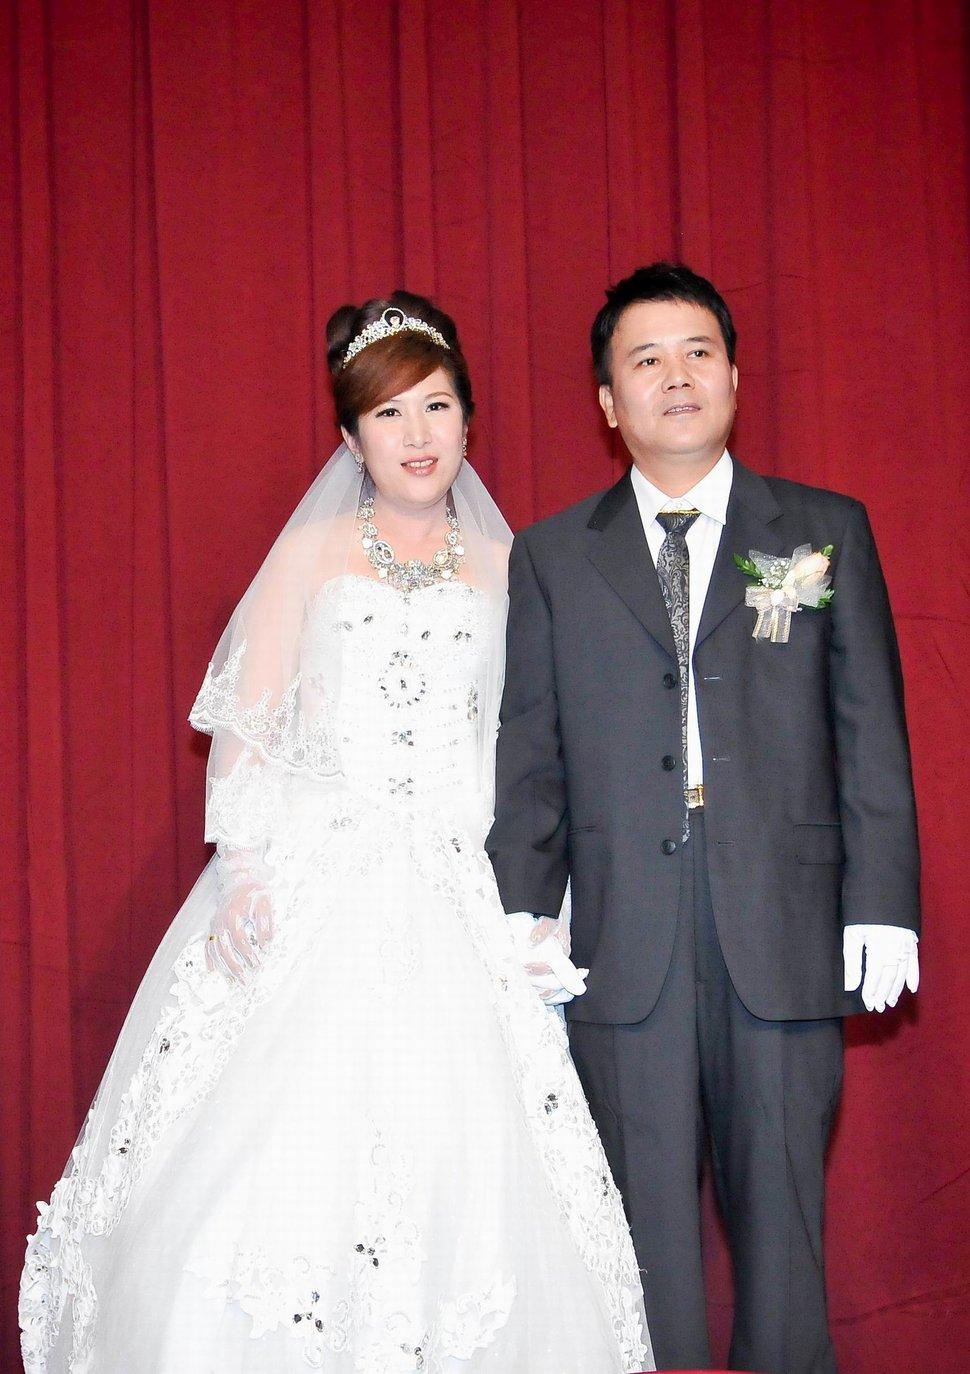 專業婚攝婚禮紀錄婚禮紀錄專業錄影婚禮錄影婚禮記錄動態微電影錄影專業錄影平面攝影婚攝婚禮主持人(編號:280557) - 蜜月拍照10800錄影12800攝影團隊 - 結婚吧